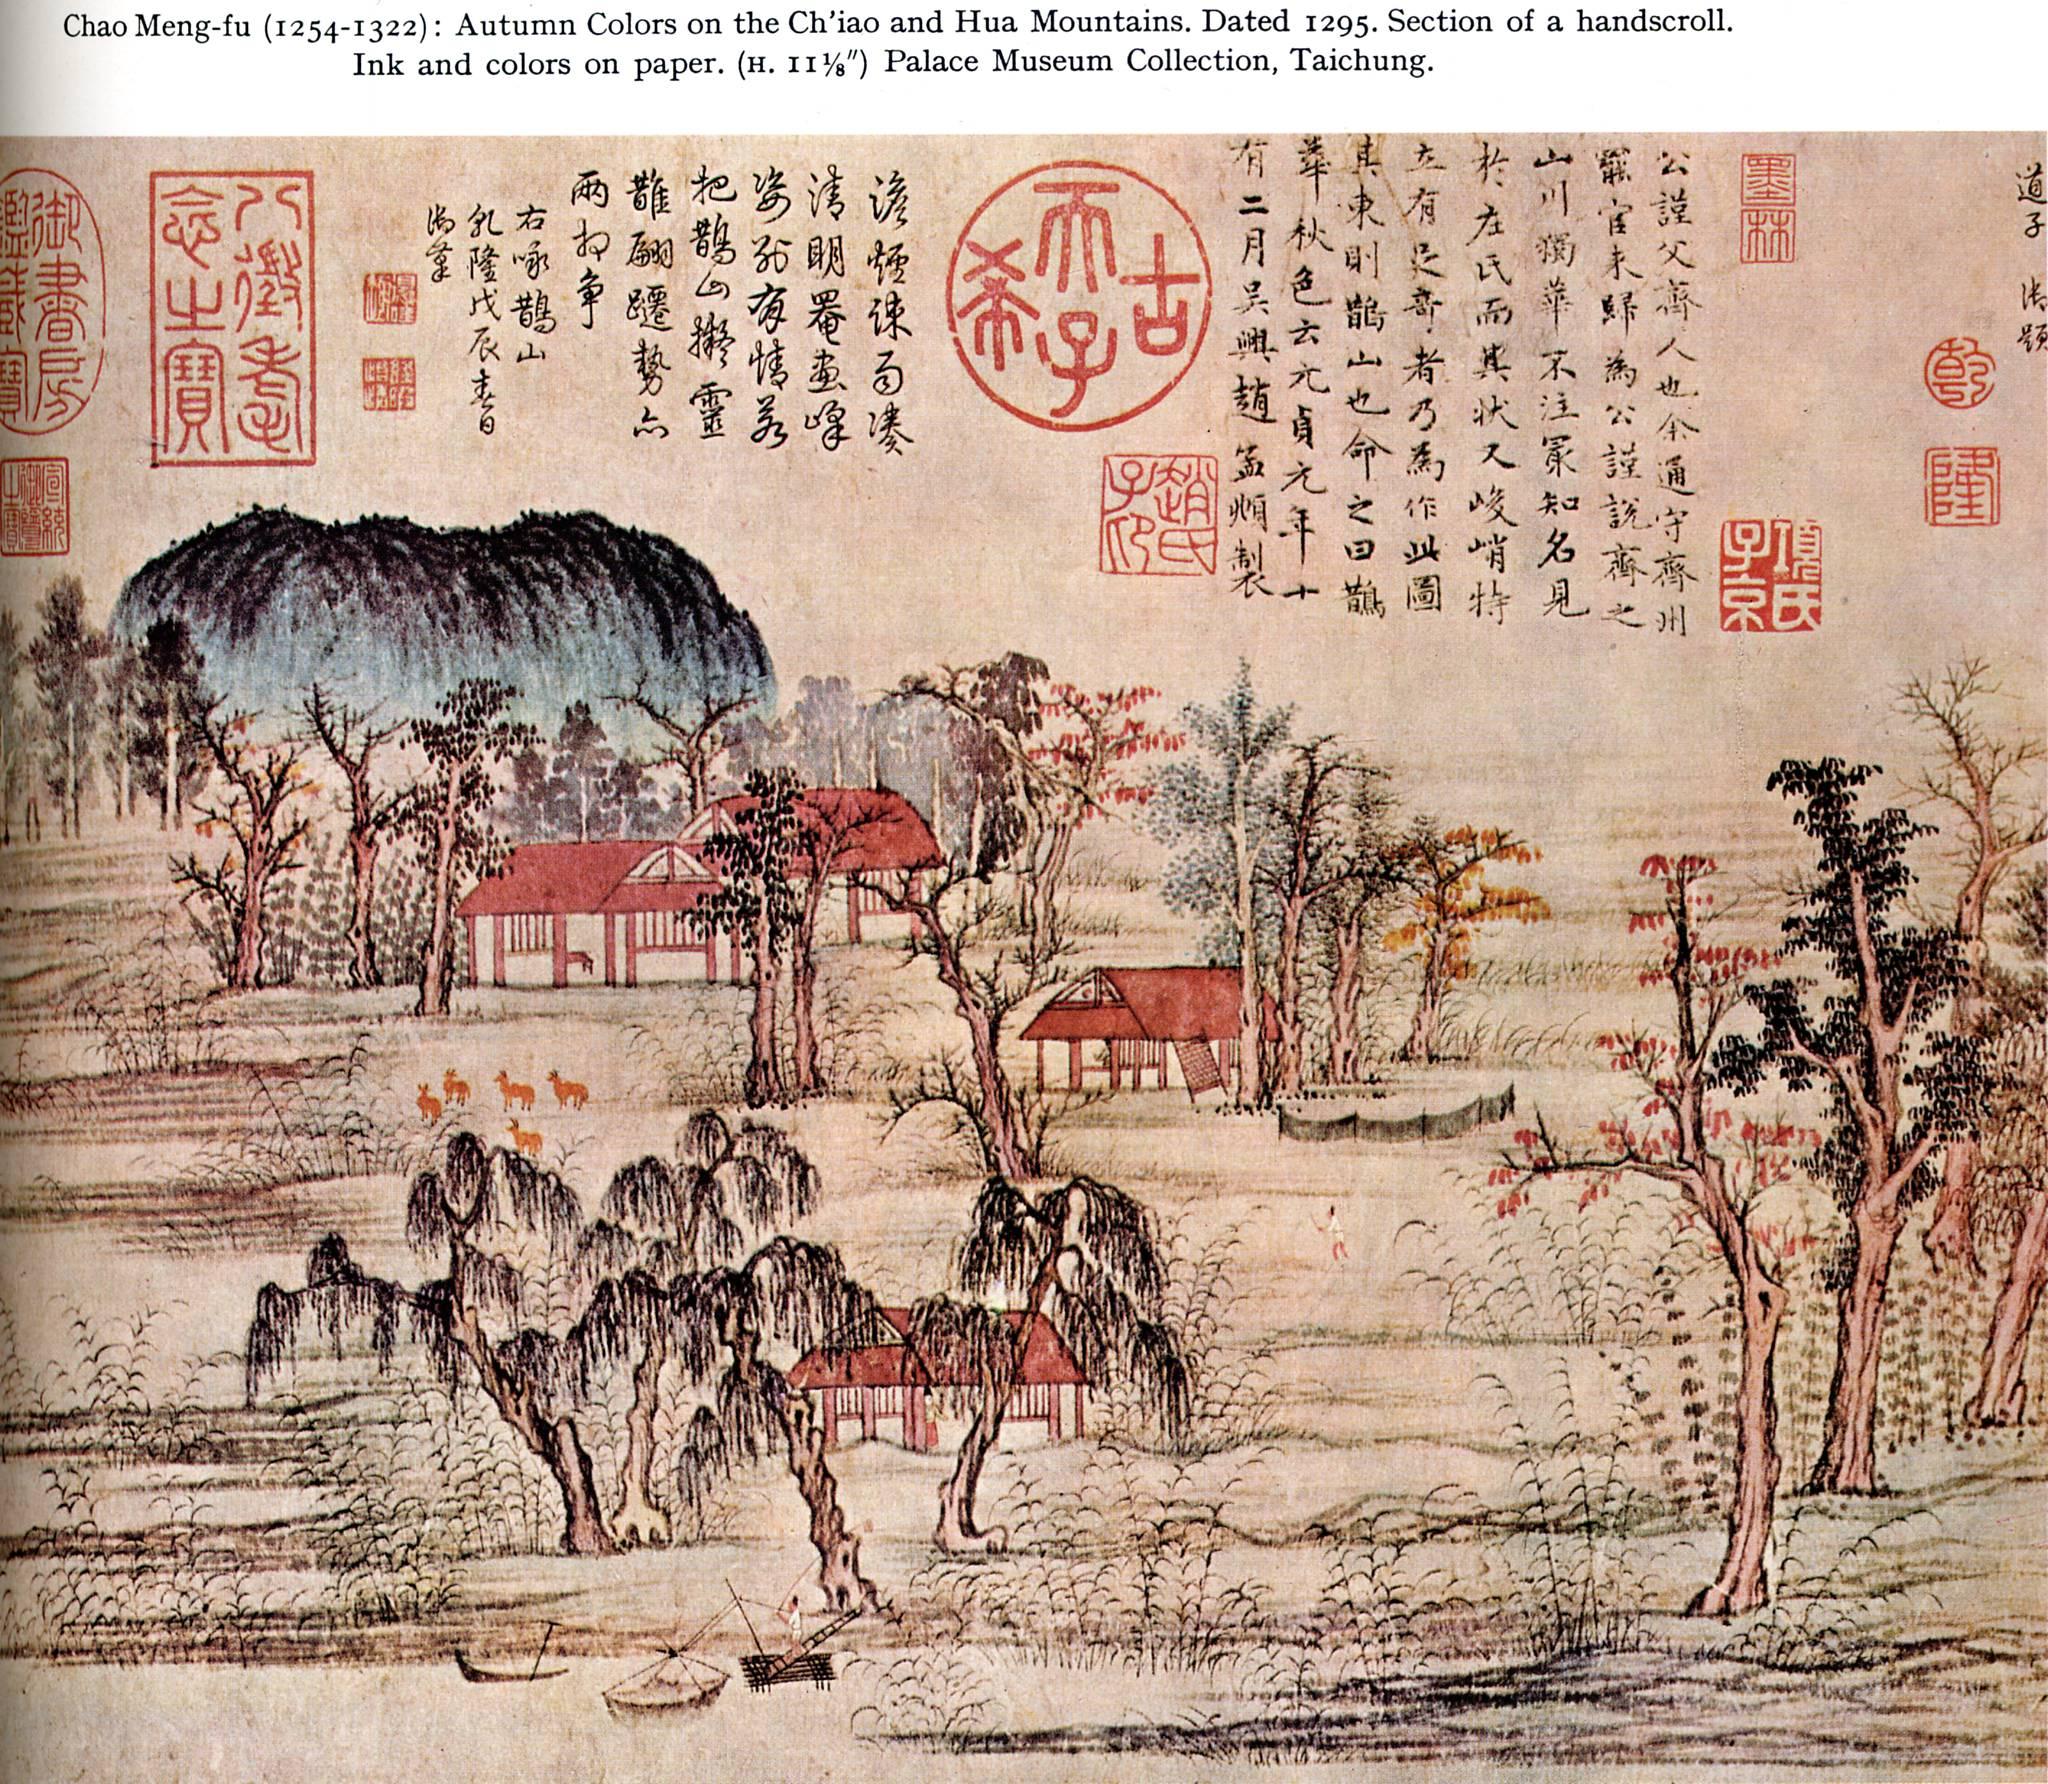 картинки литература и искусство китая роста